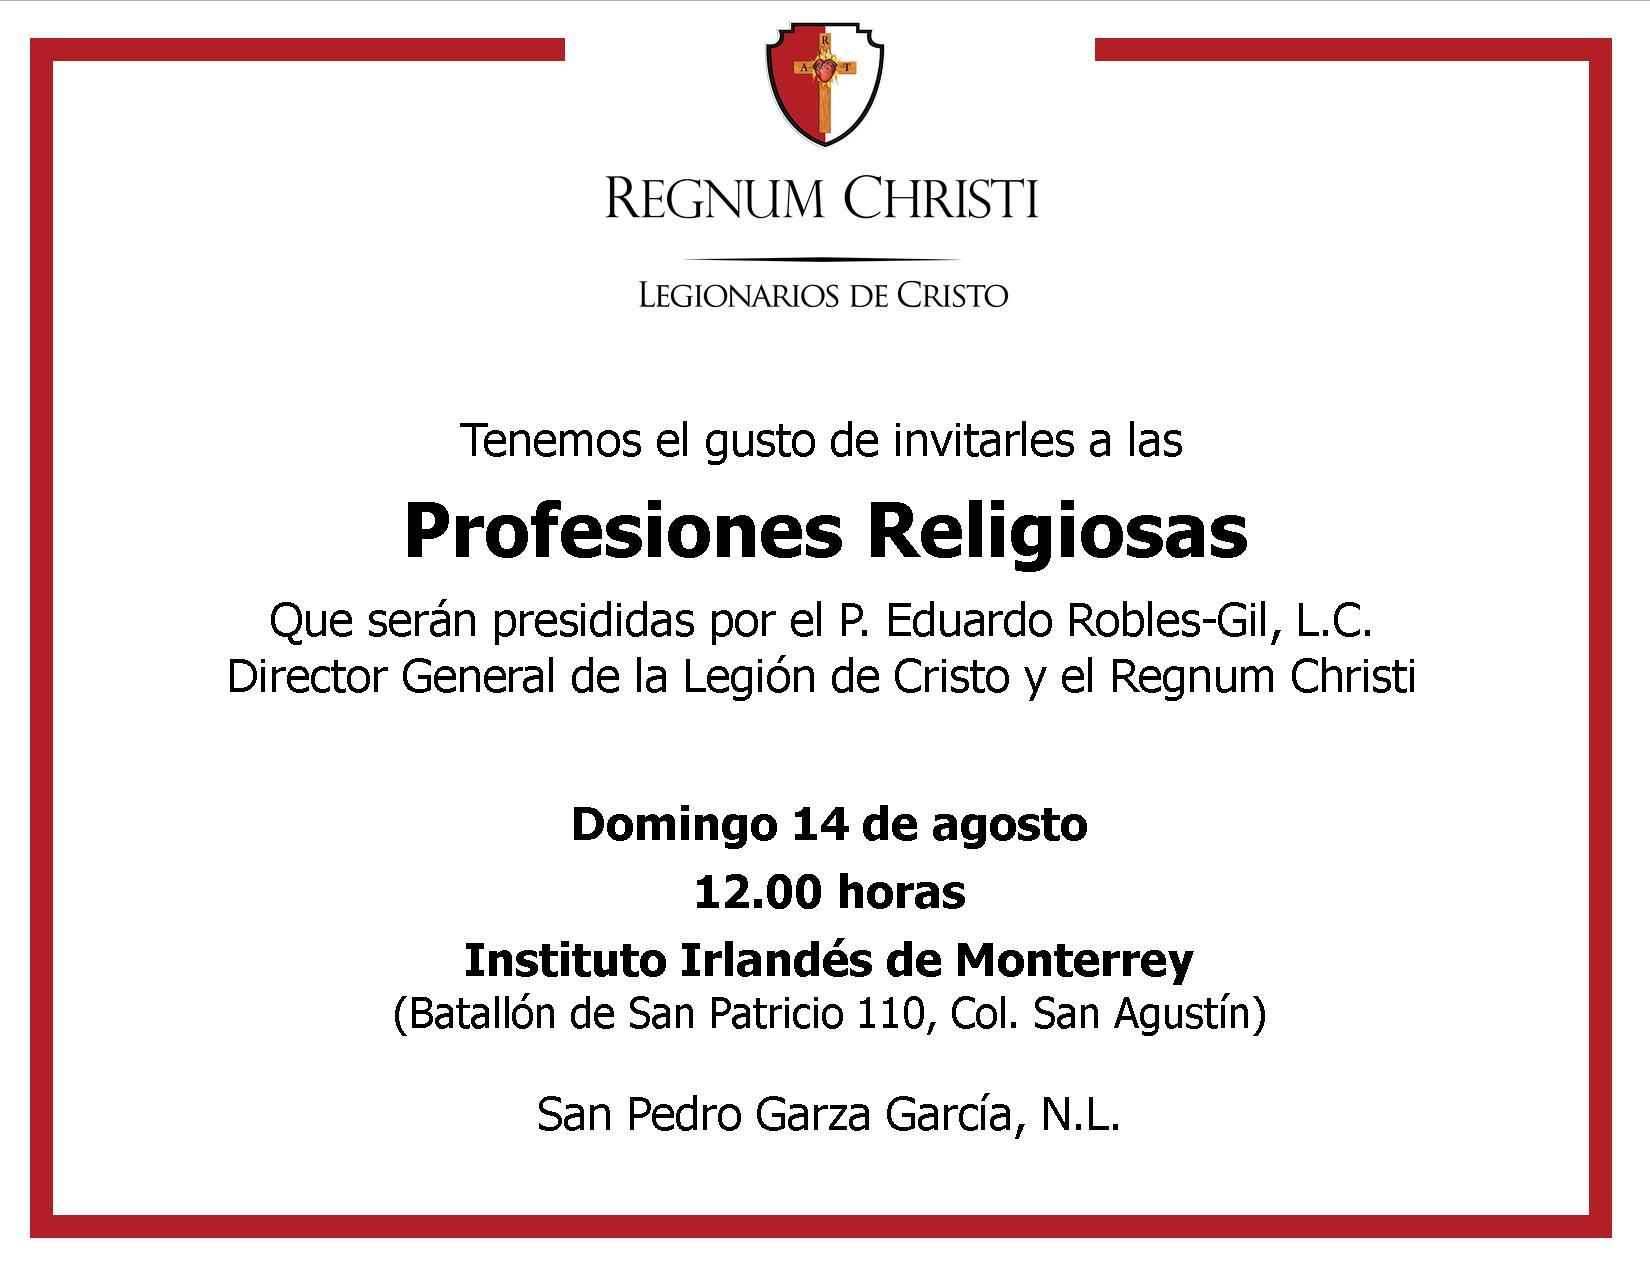 Invitación A Profesiones Religiosas En Movimiento